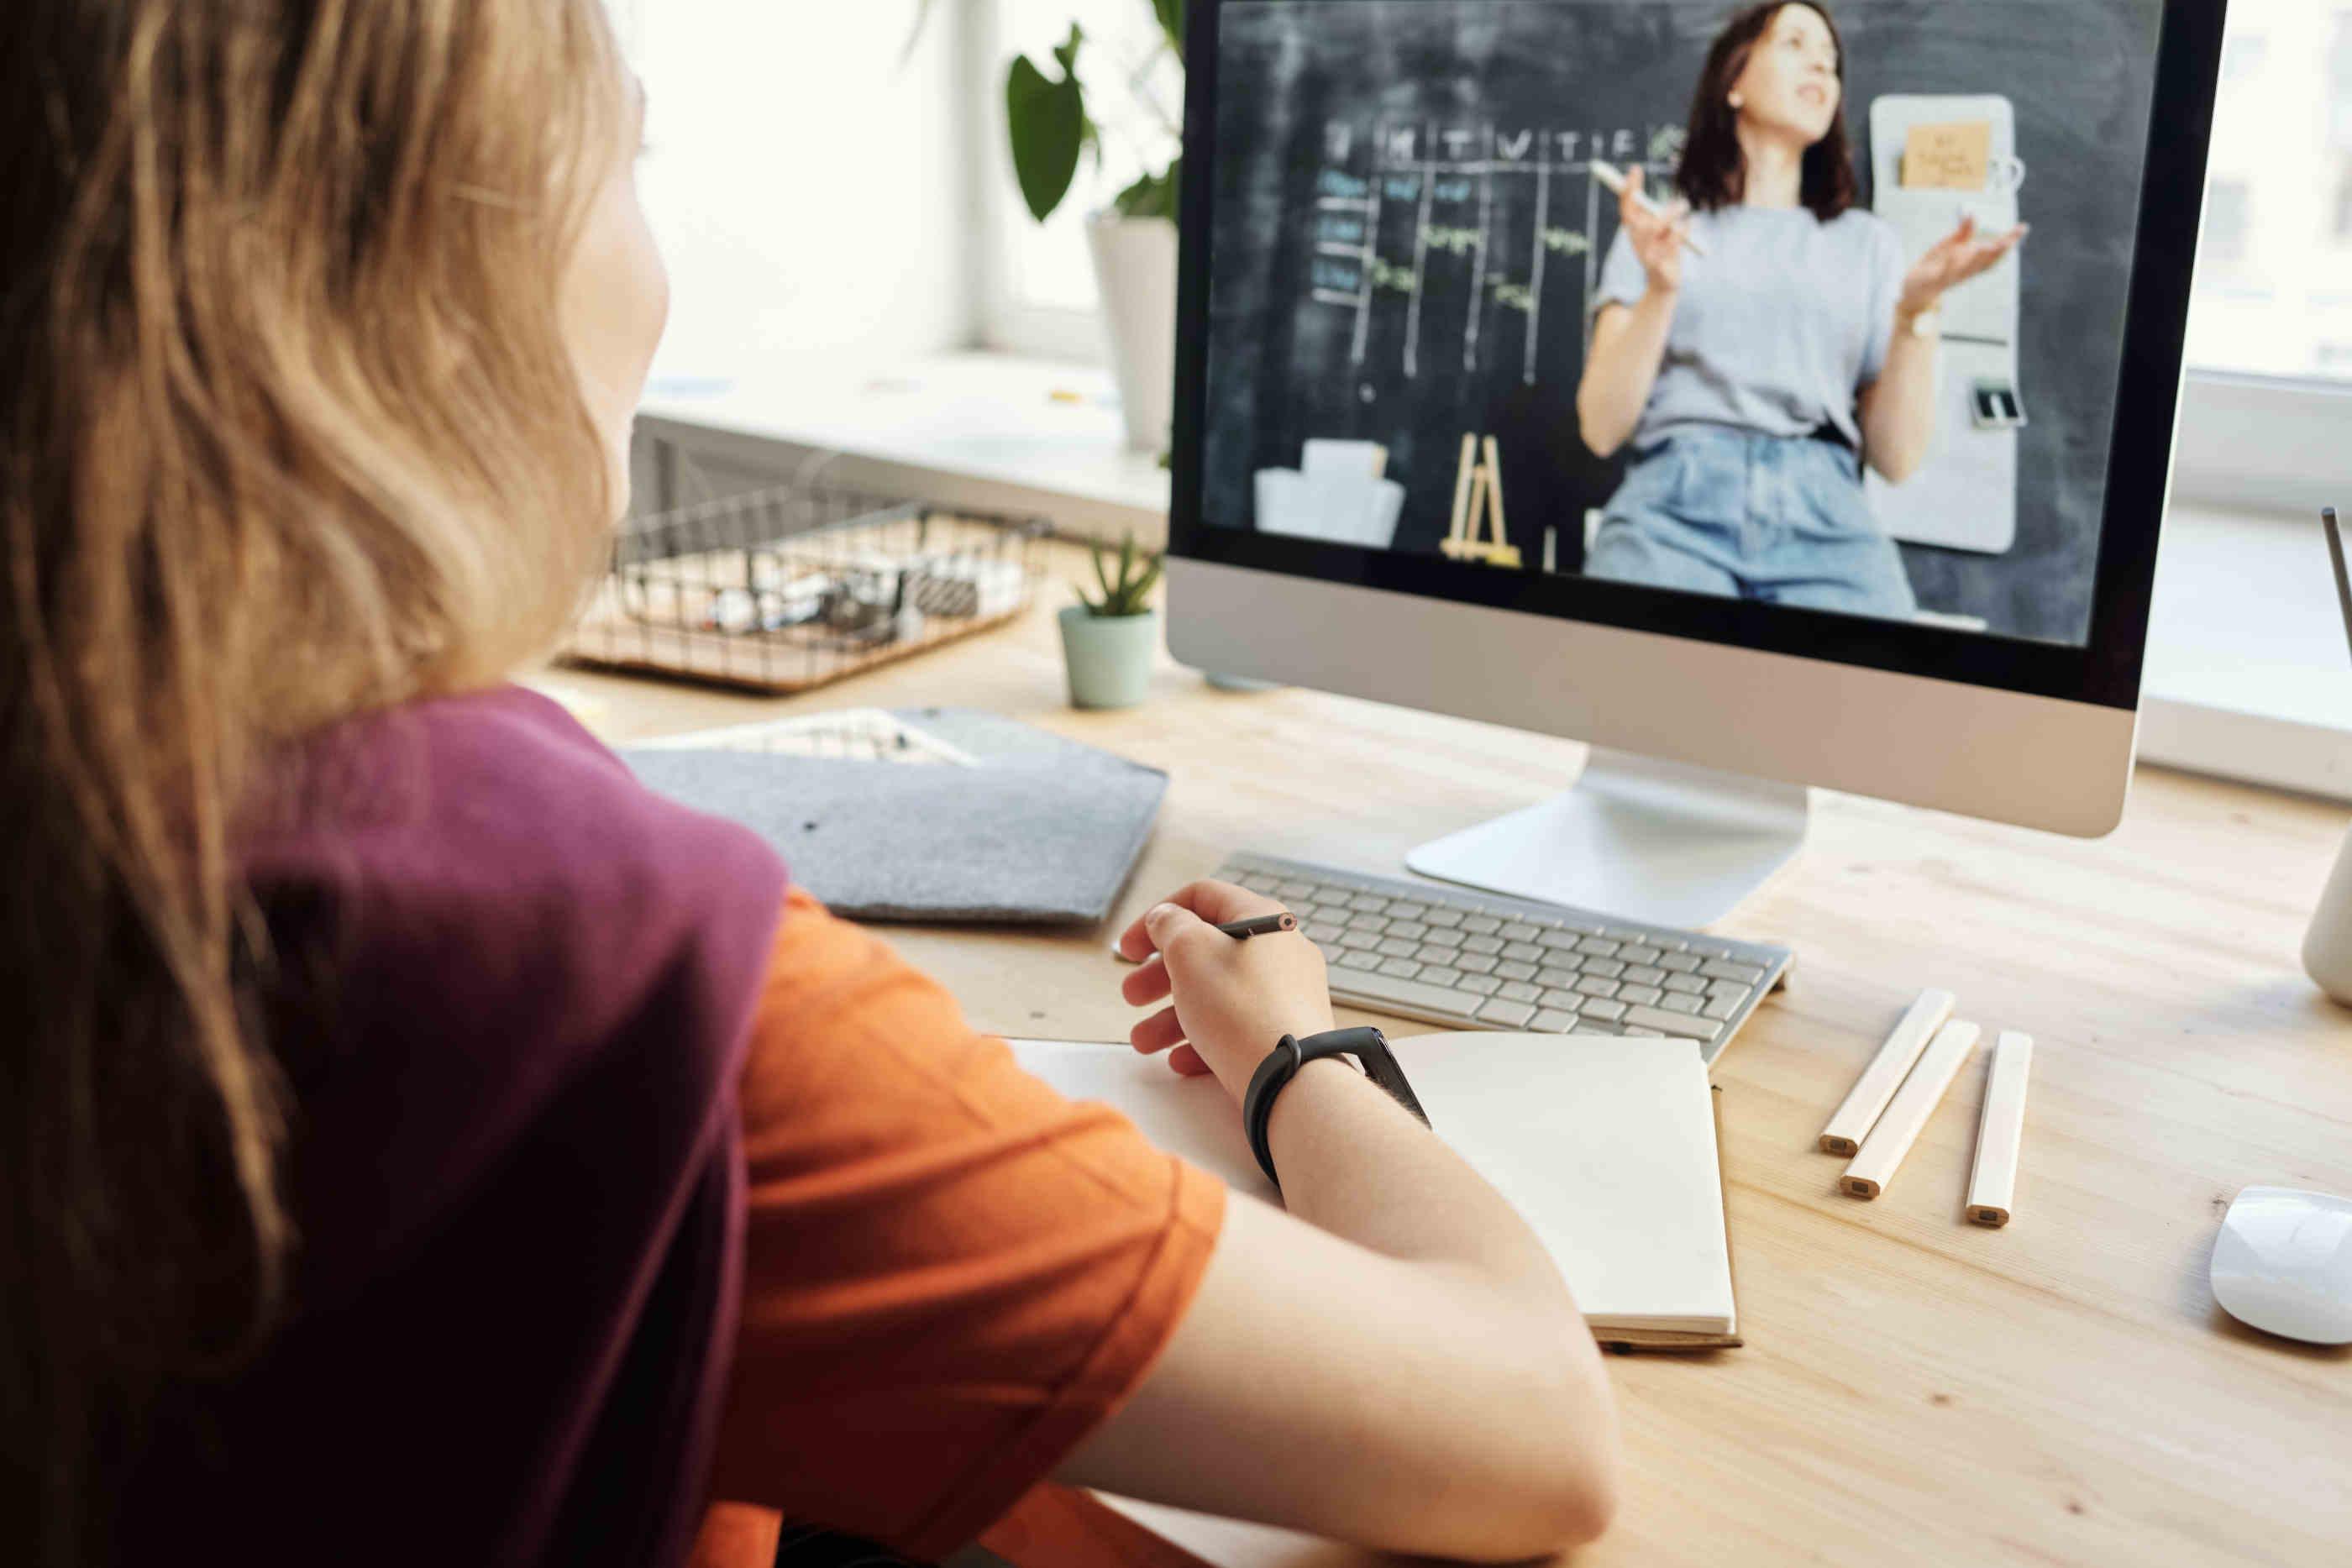 Rapariga a assistir a uma aula online pelo computador enquanto escreve apontamentos.